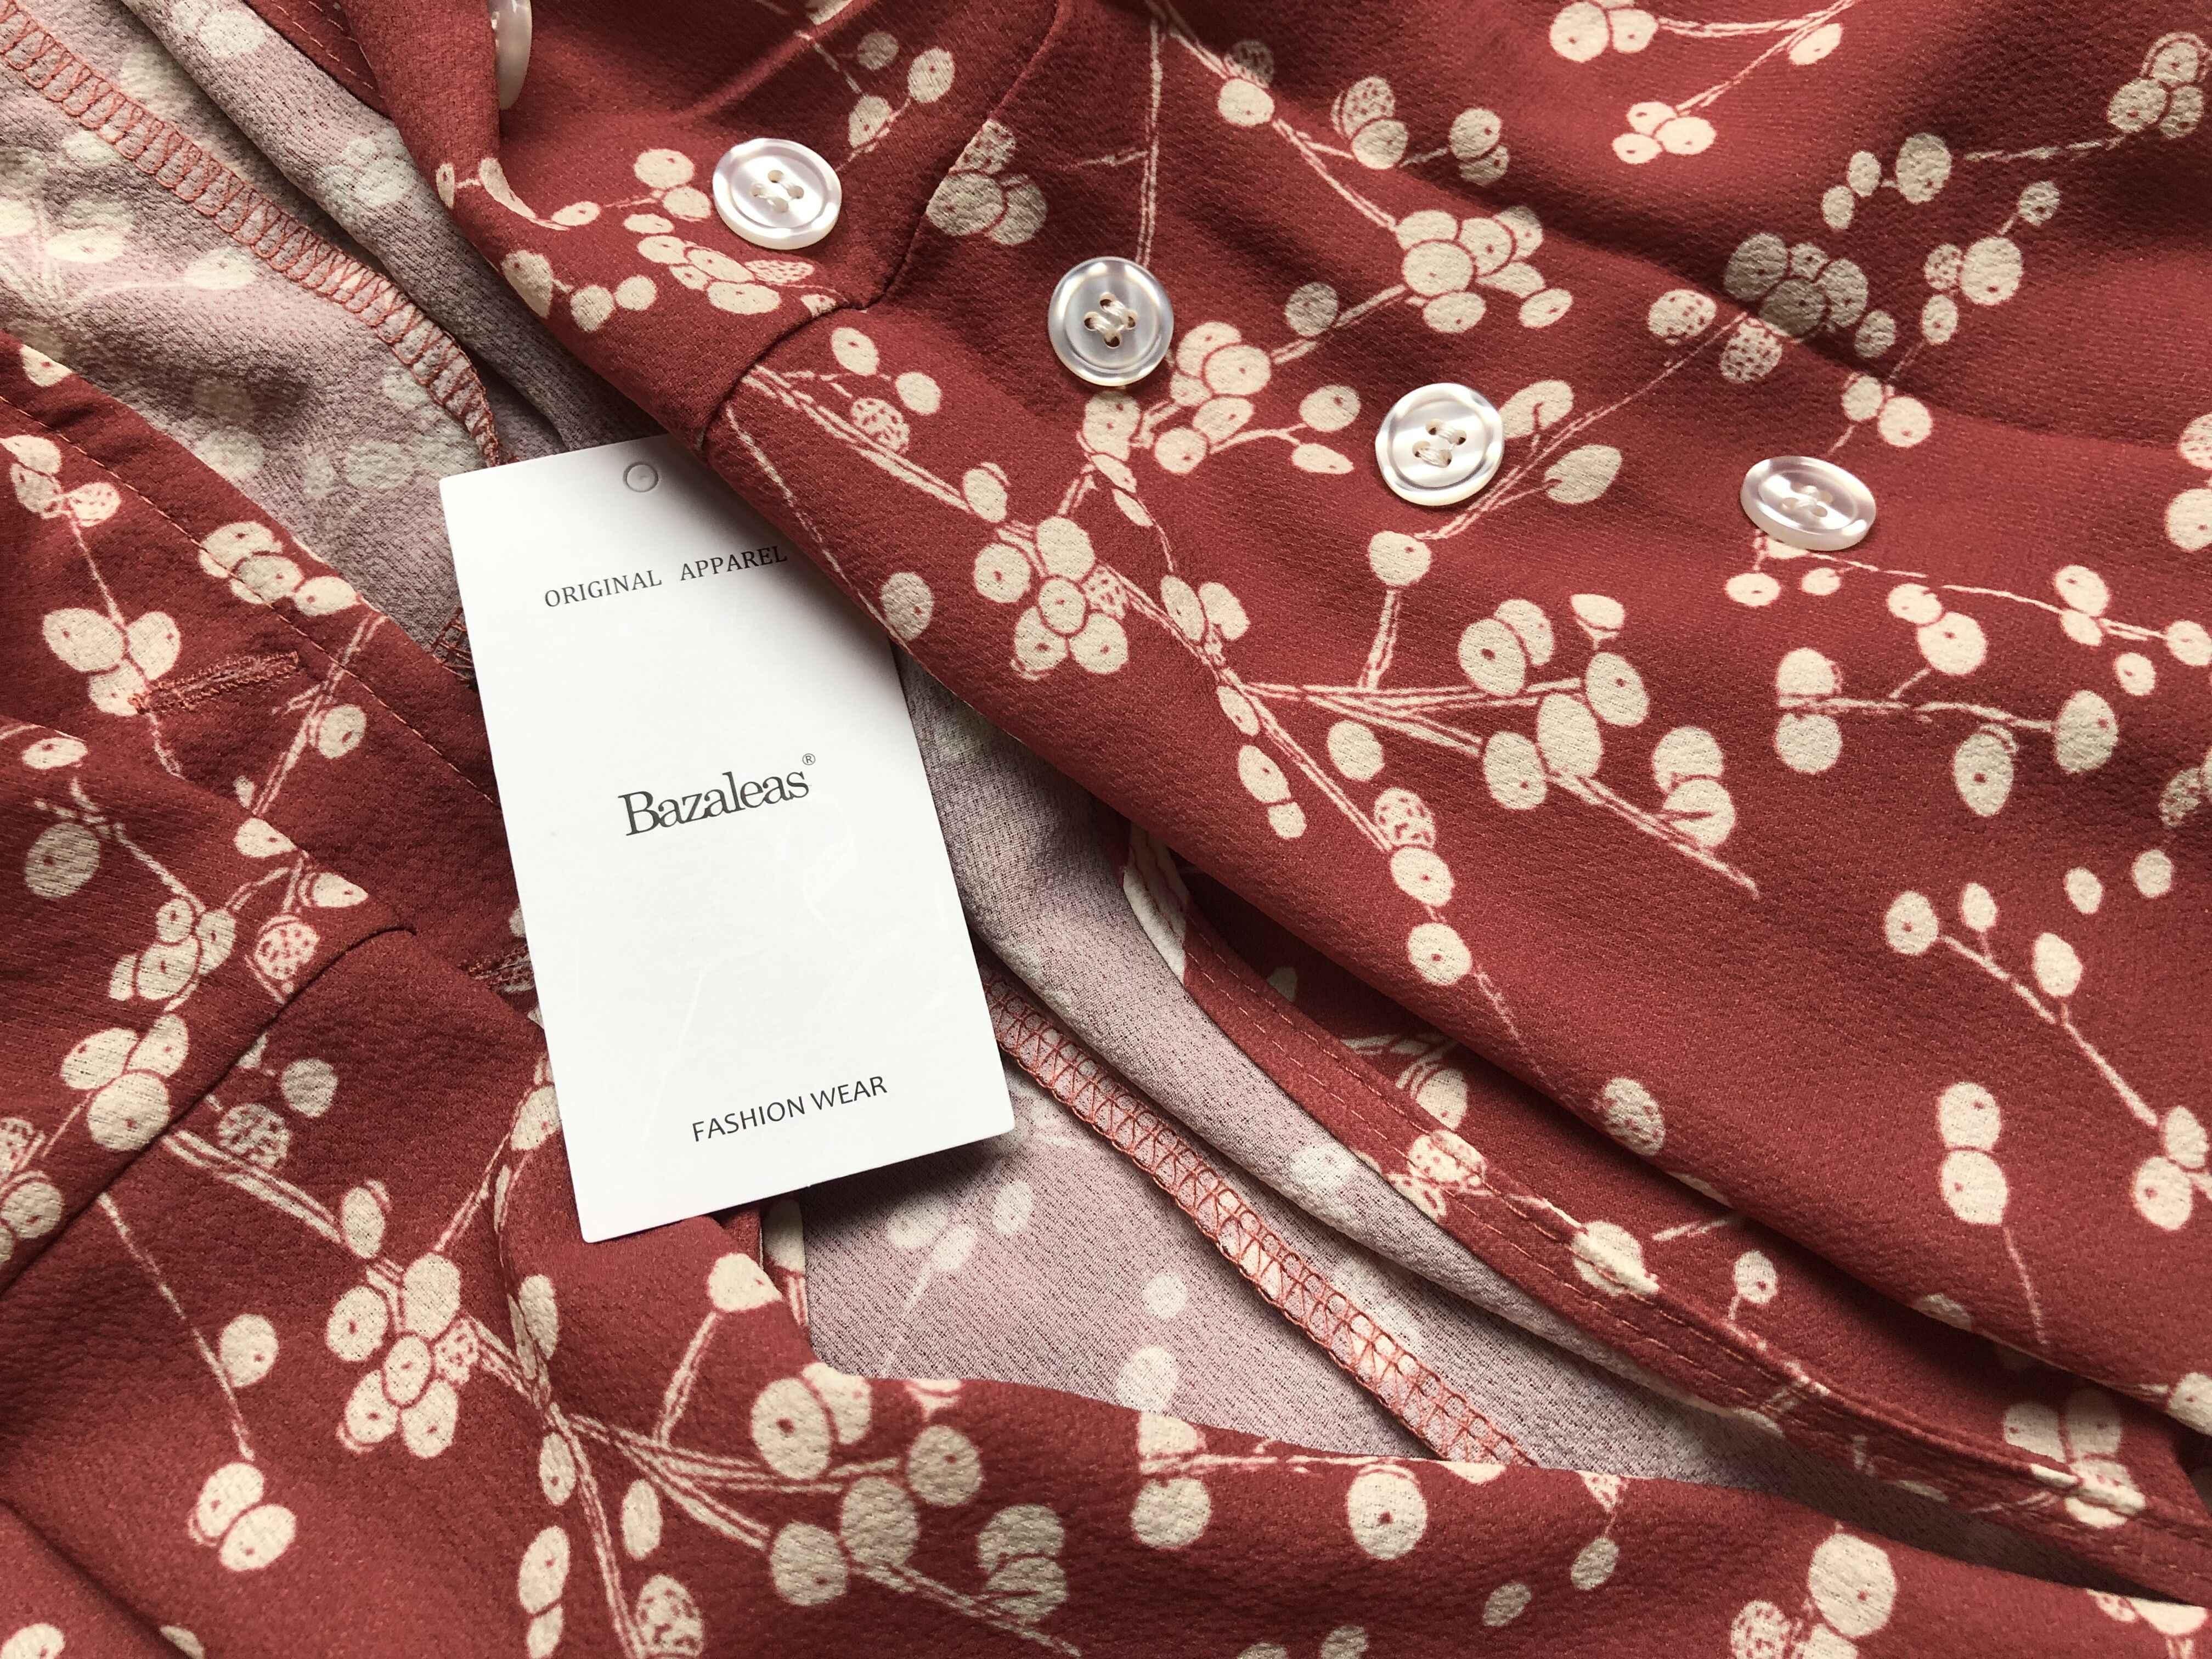 Bazaleas 2019 Nữ Tay Ngắn Mùa Hè tuổi hồng tú cầu in hình Midi Đầm Vintage nút và cà vạt trước Áo vestidos